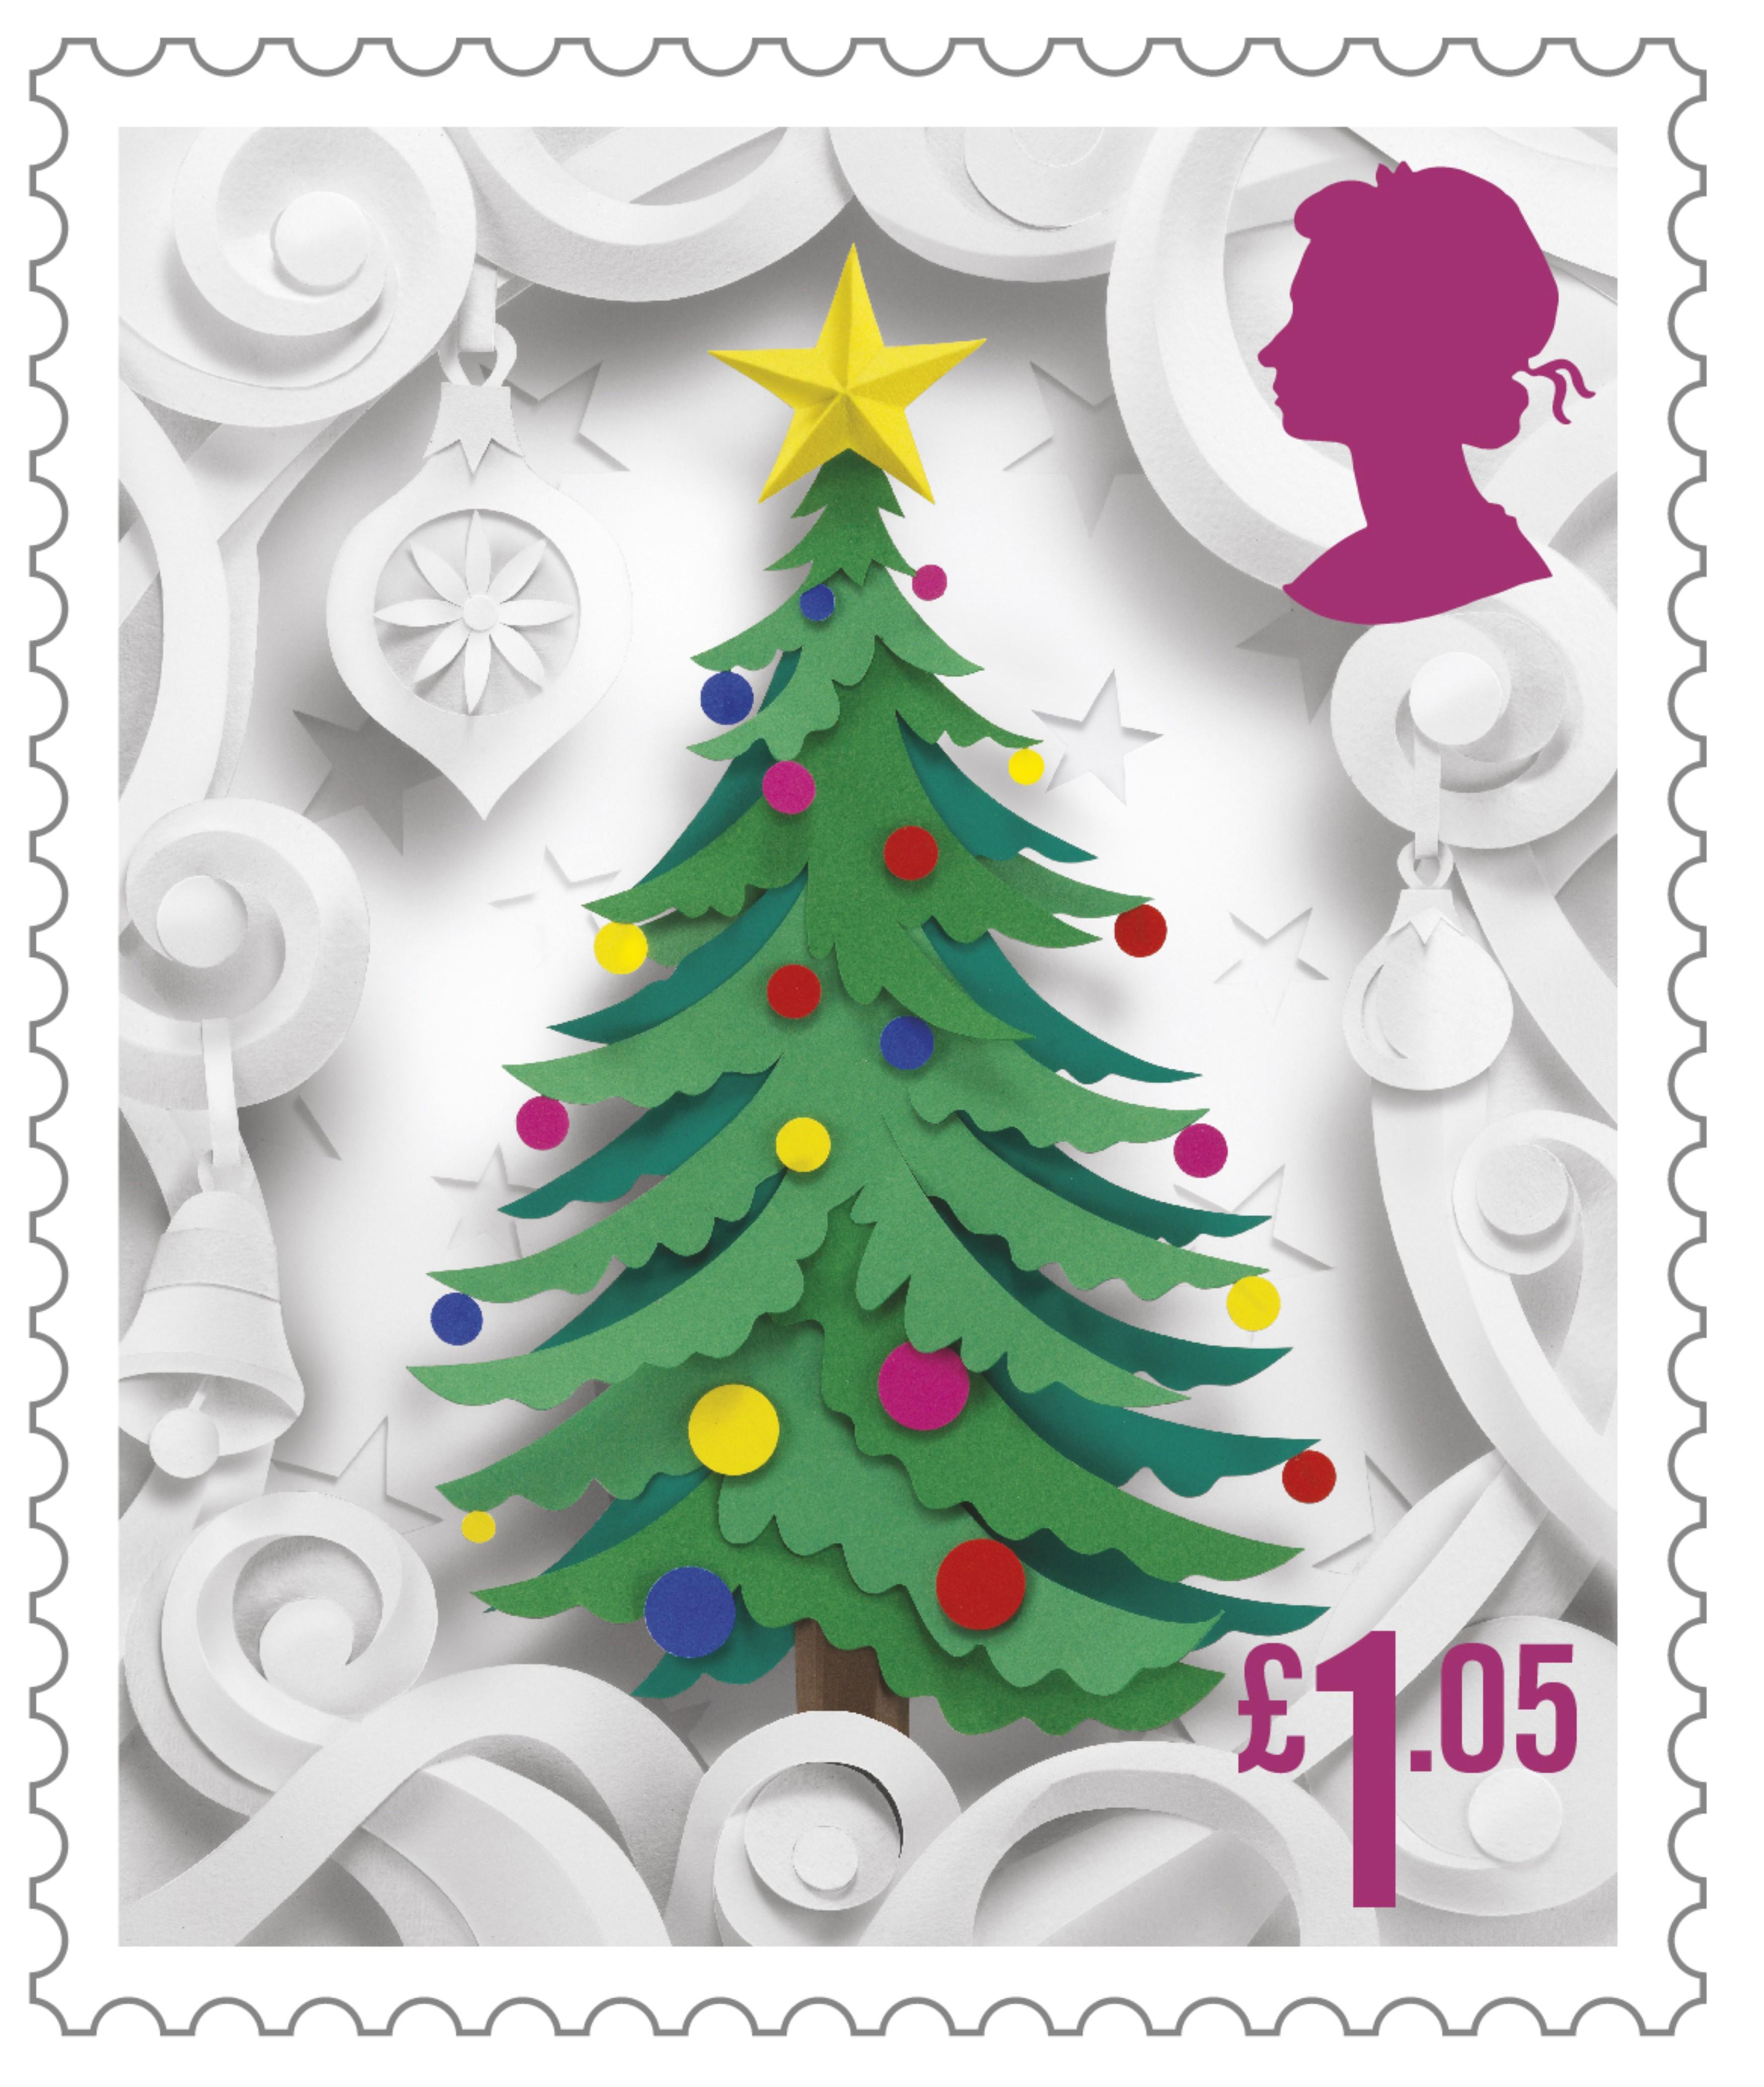 christmas-2016-u1-05-400-stamp